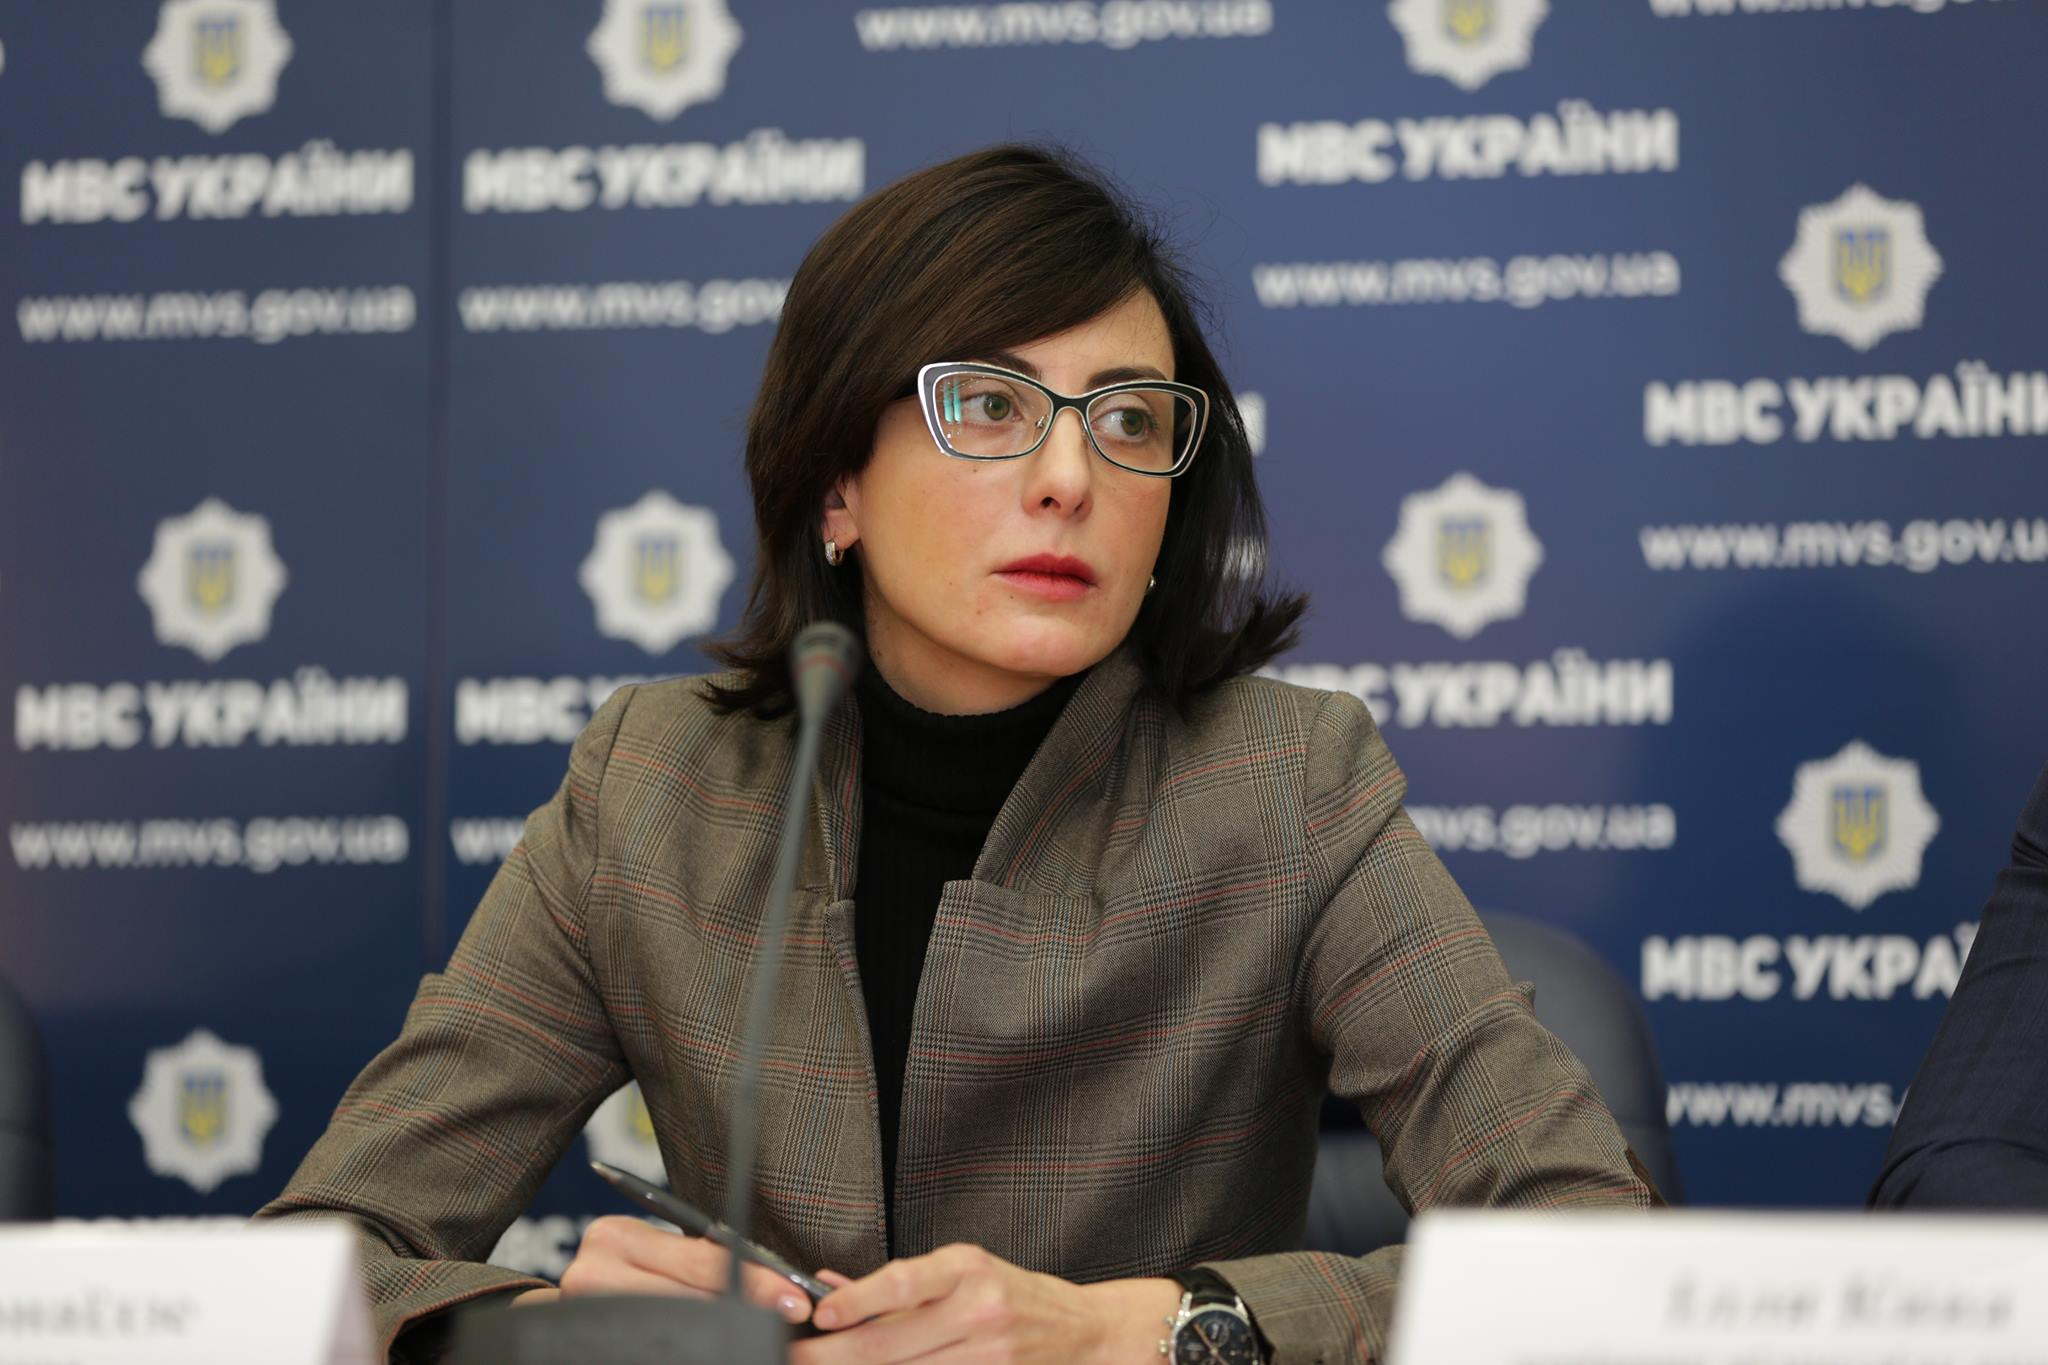 Деканоидзе прокомментировала ДТП с участием полиции, в котором погибли молодые супруги